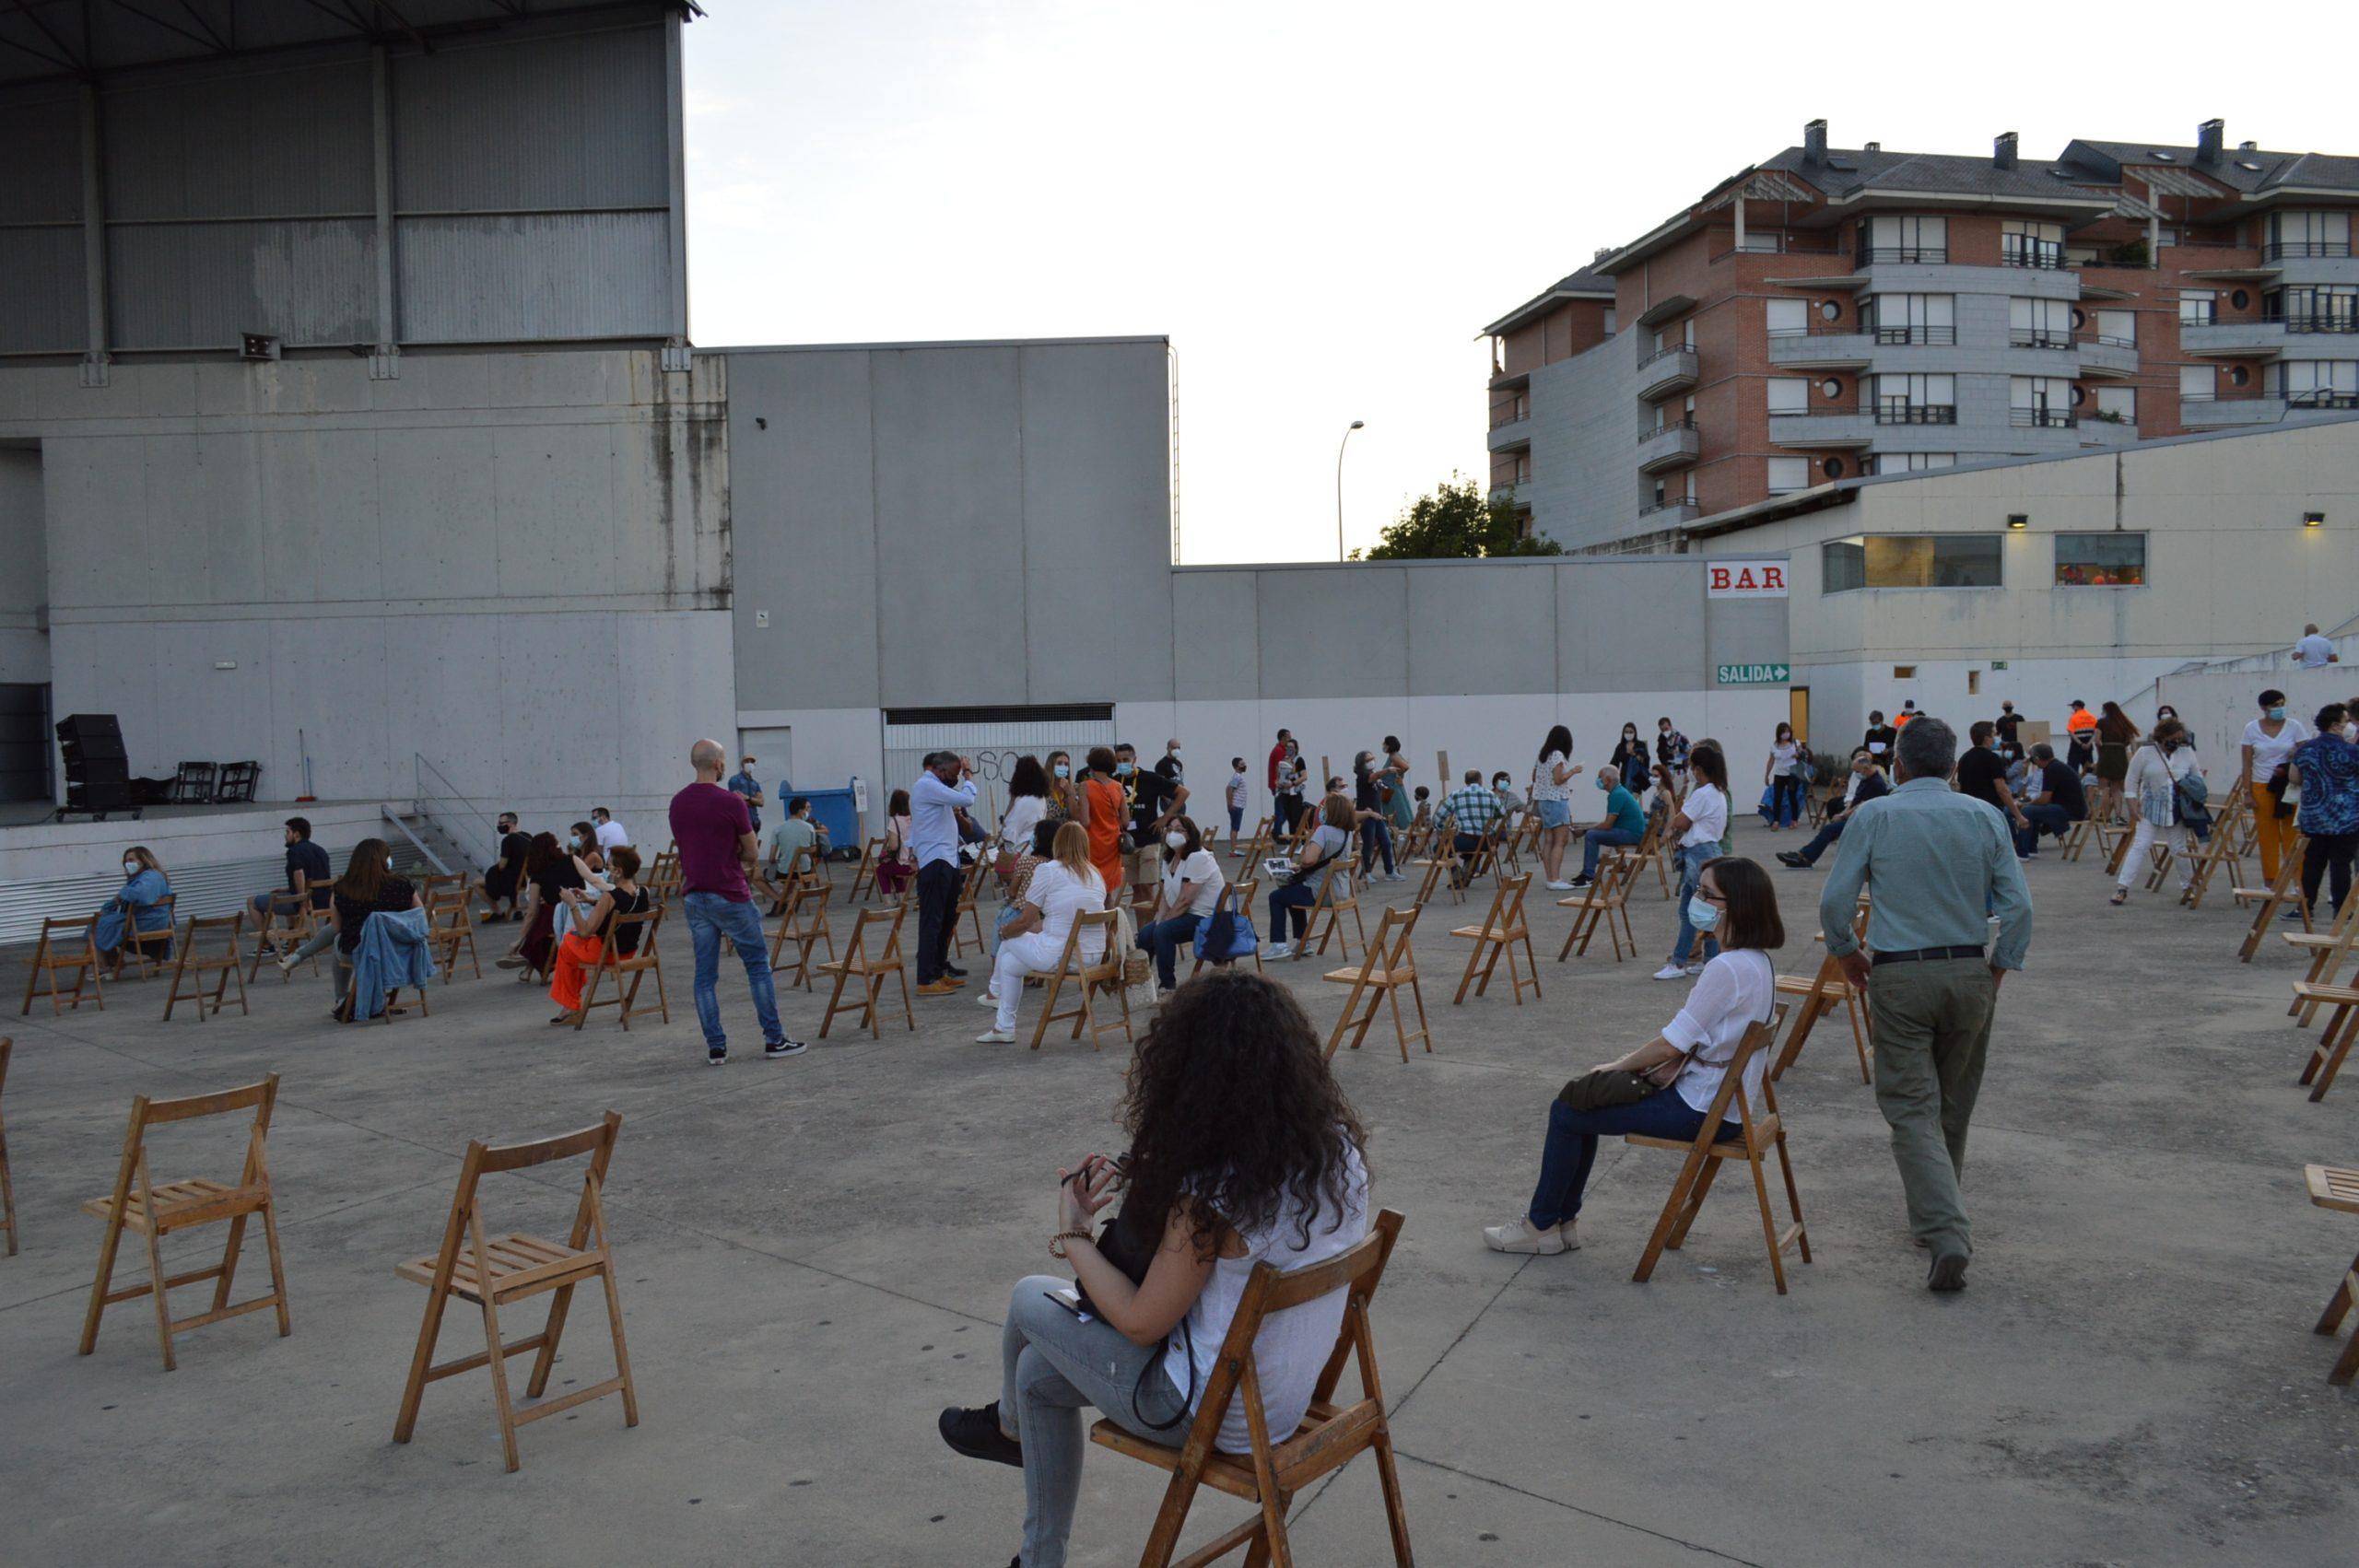 Concierto de Amaral en el verano #ponferradateabraza, la cercanía del dúo zaragozano alejó la distancia social 4